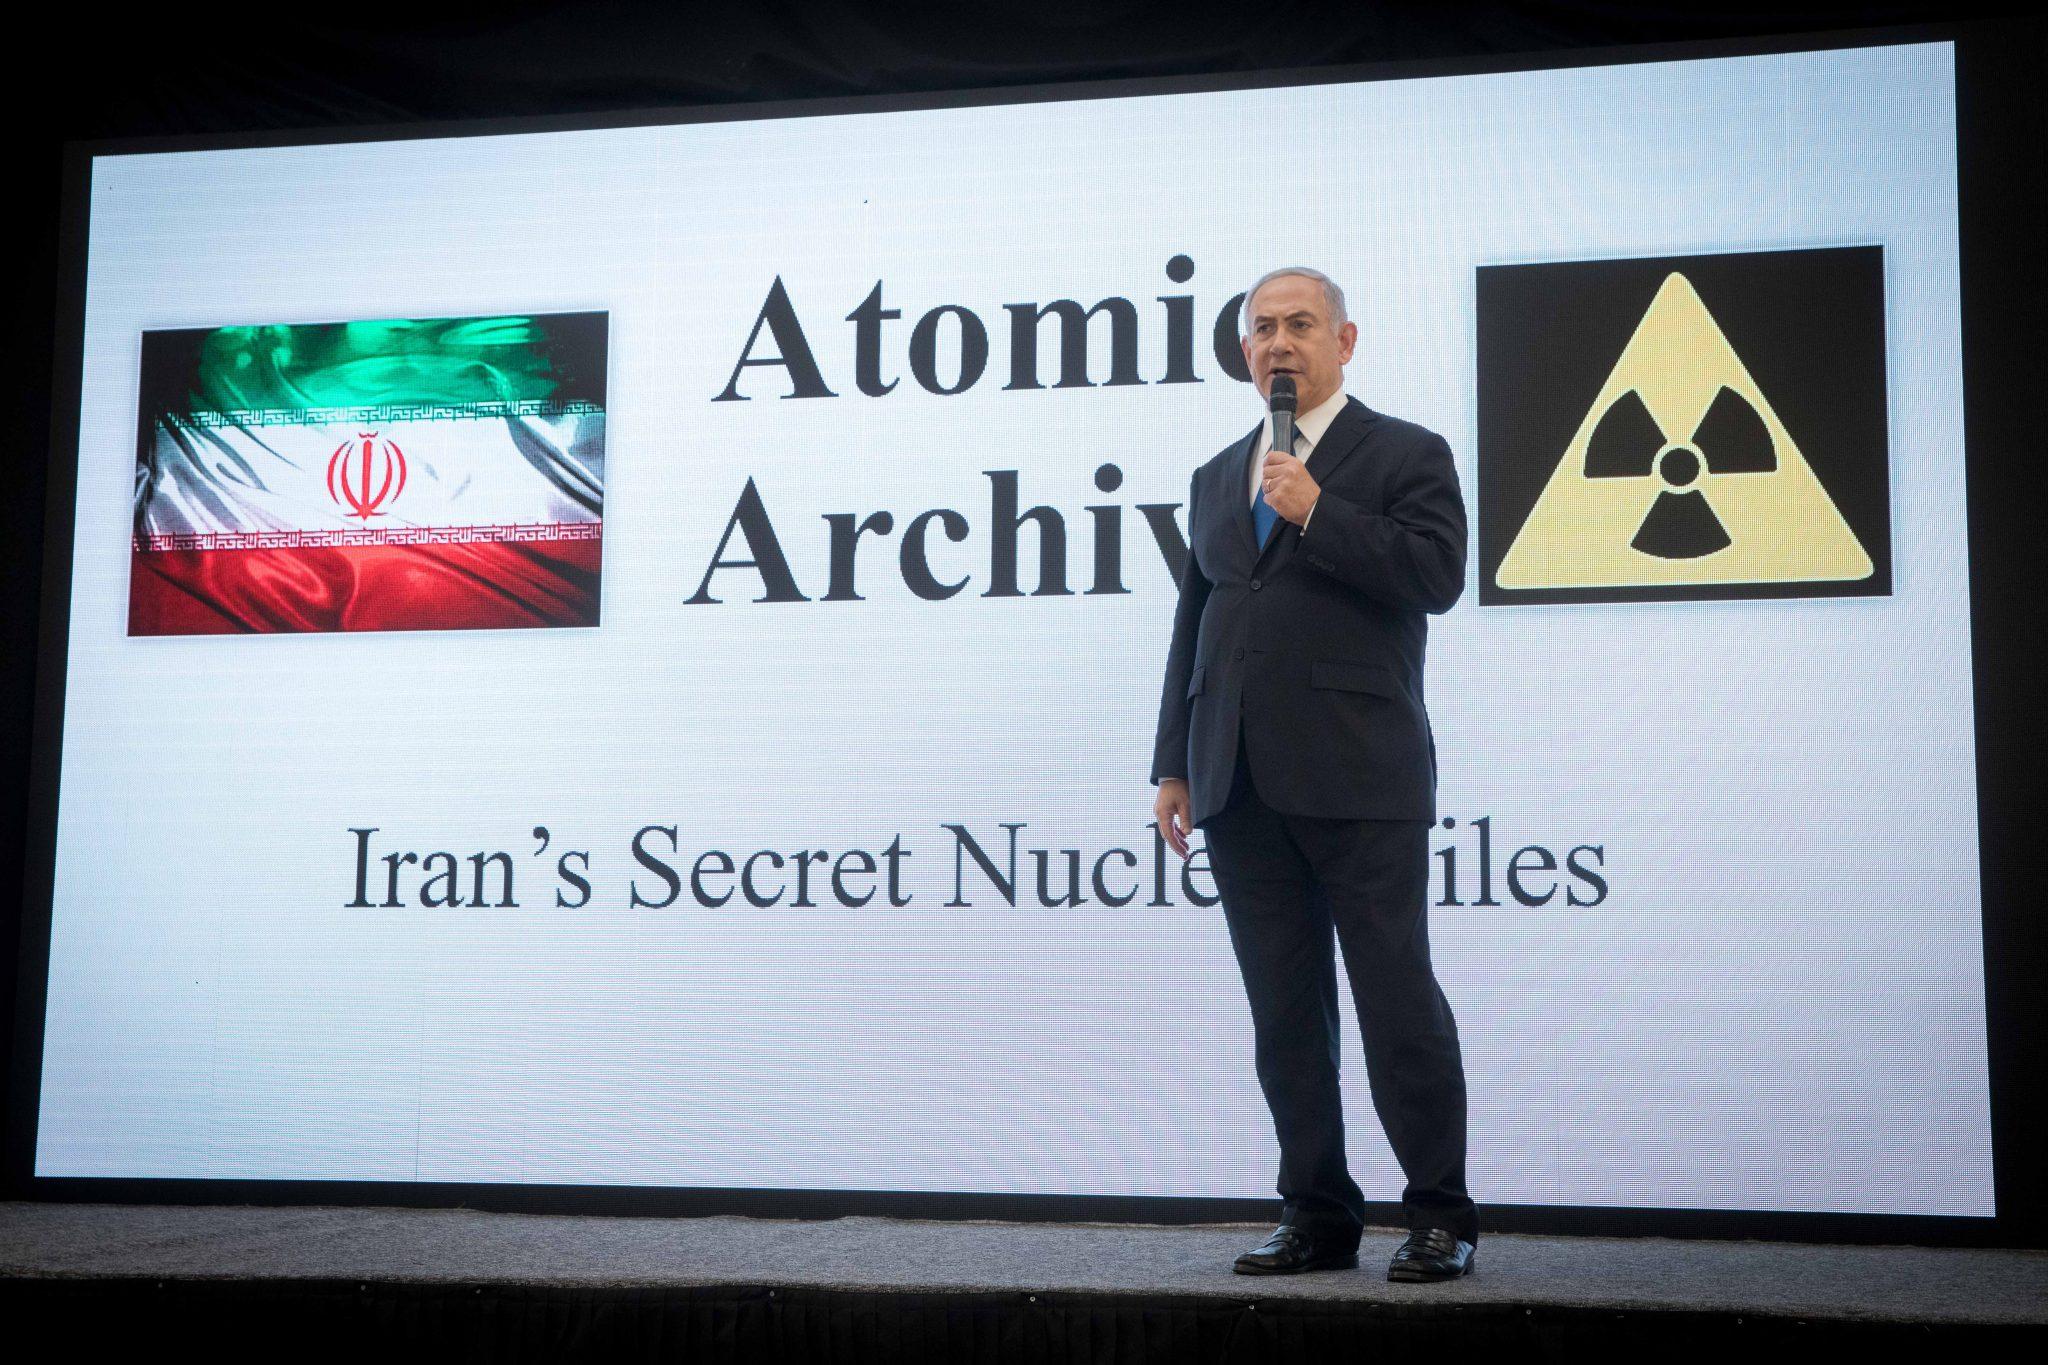 הסוכנות הבינלאומית לאנרגיה אטומית: איראן ממשיכה להפר את הסכם הגרעין